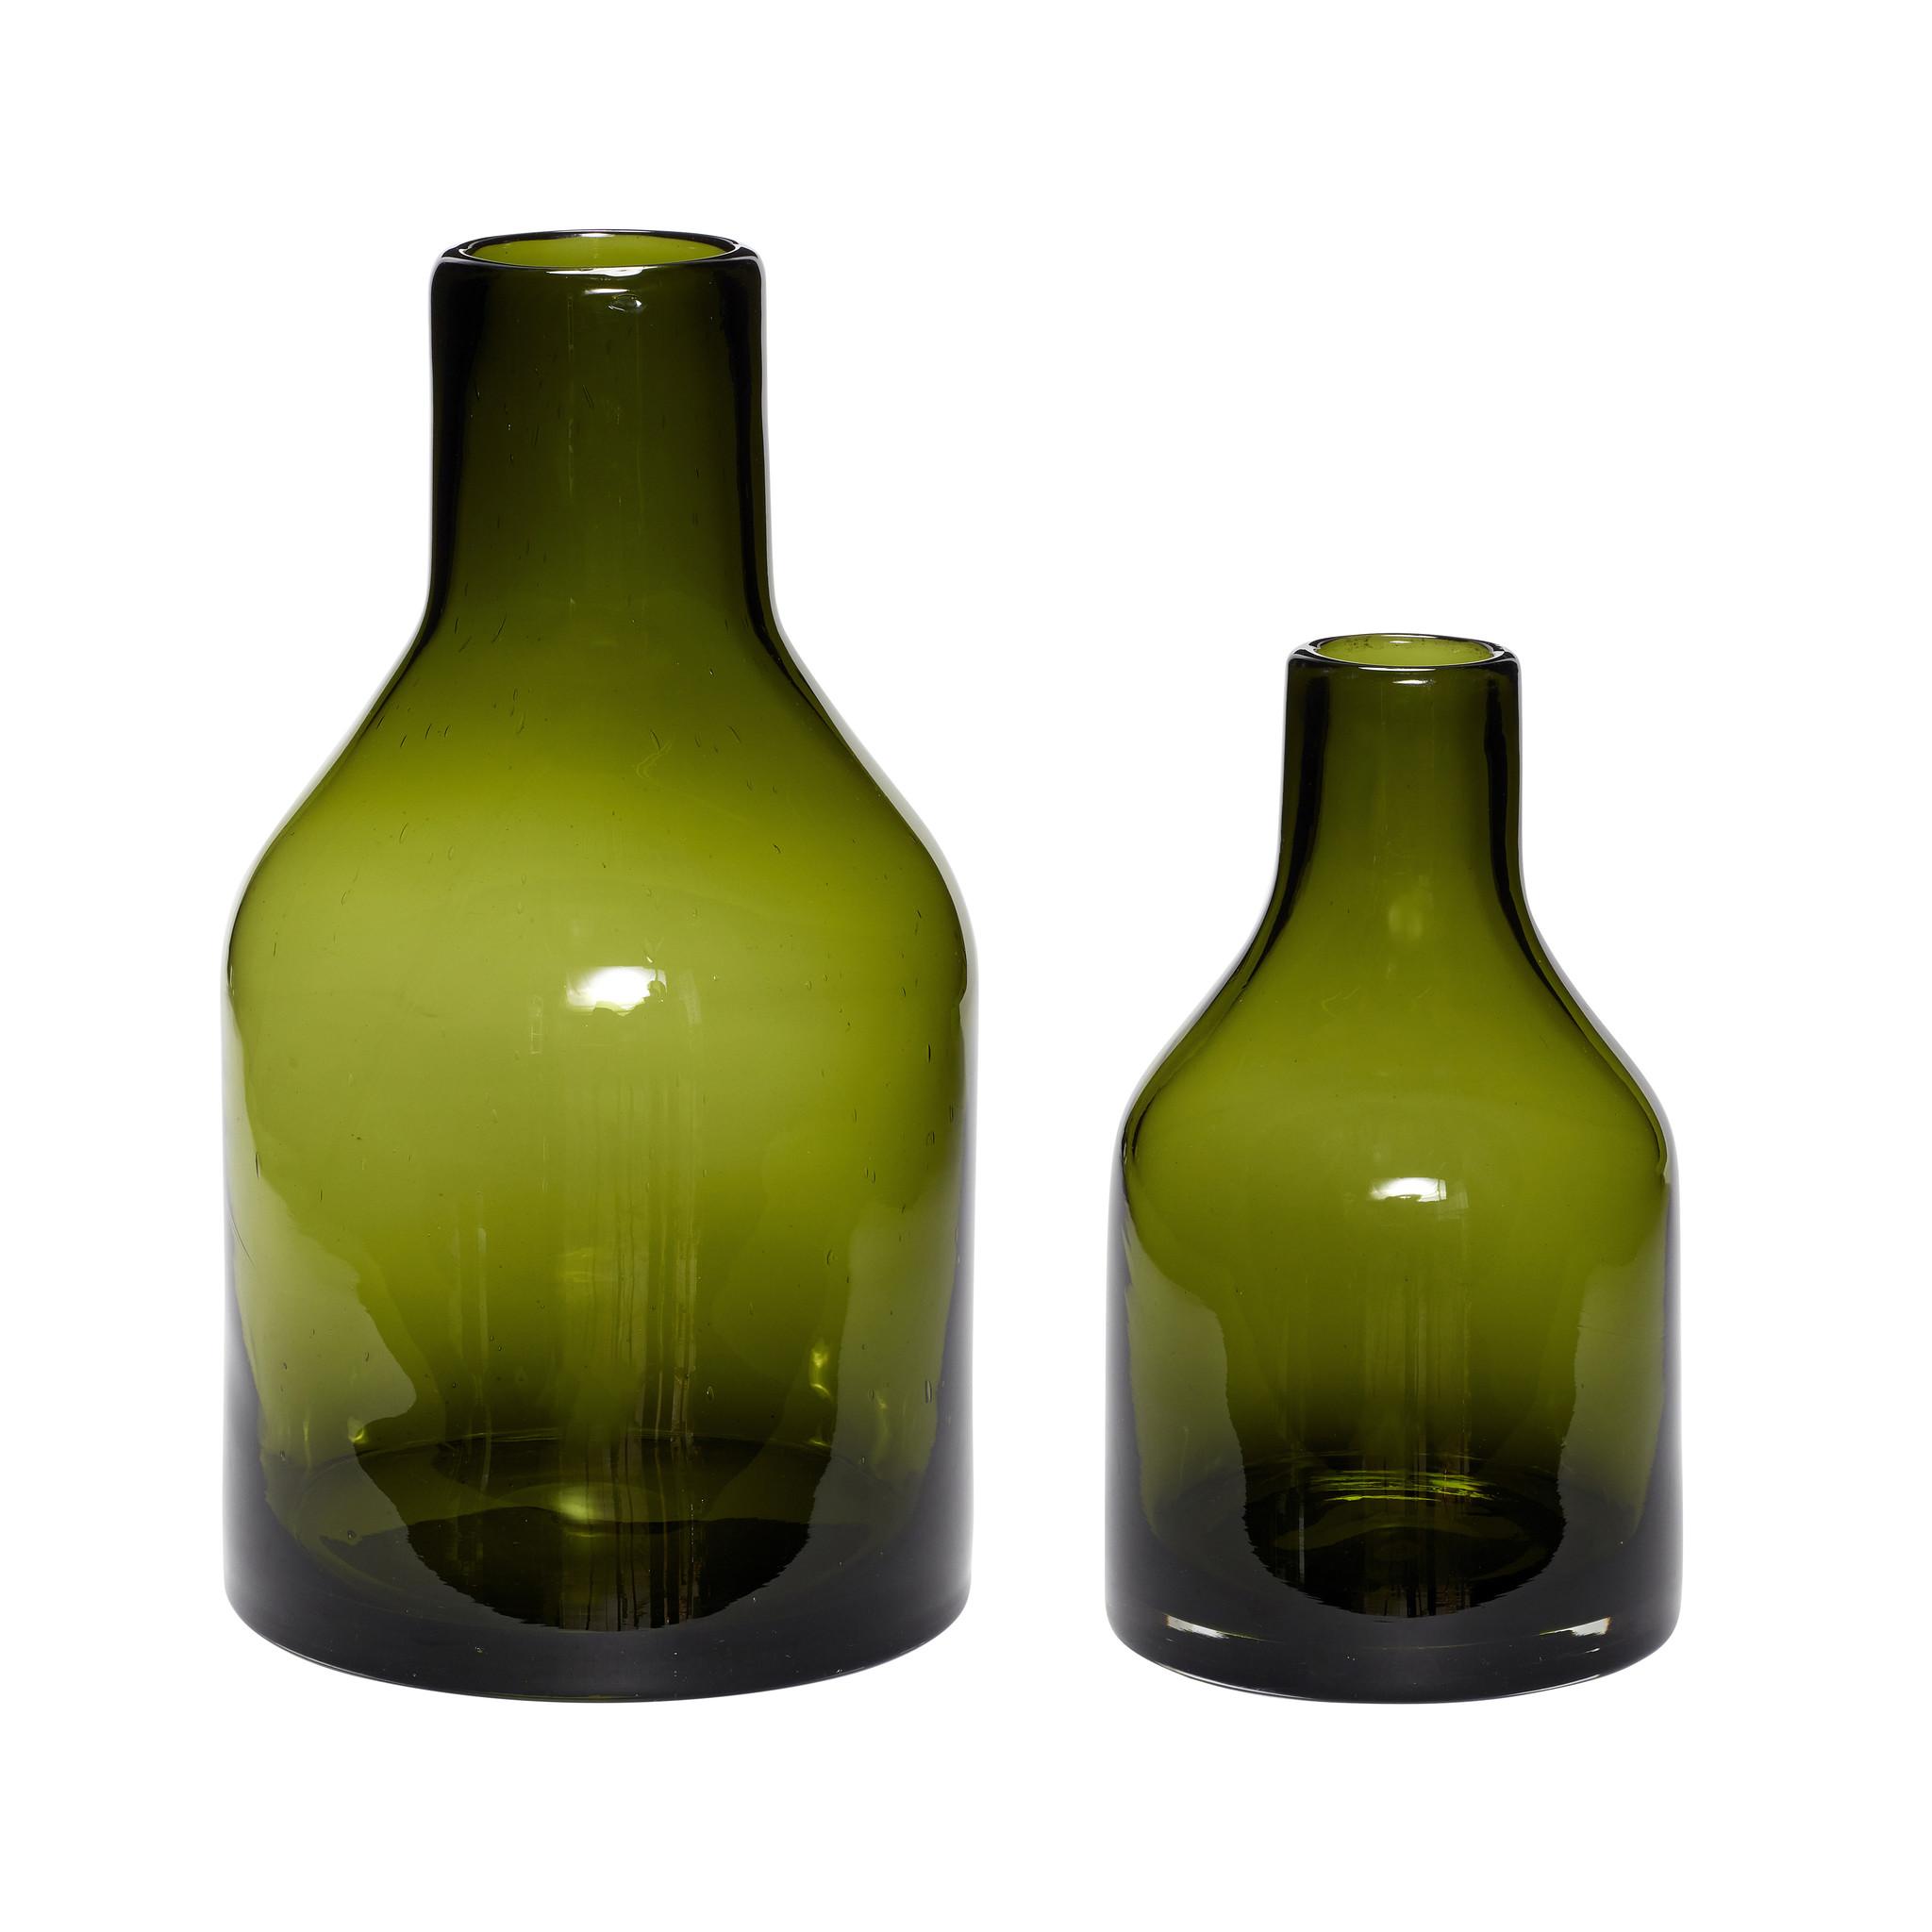 Hubsch Vaas, glas, groen, set van 2-280606-5712772061299